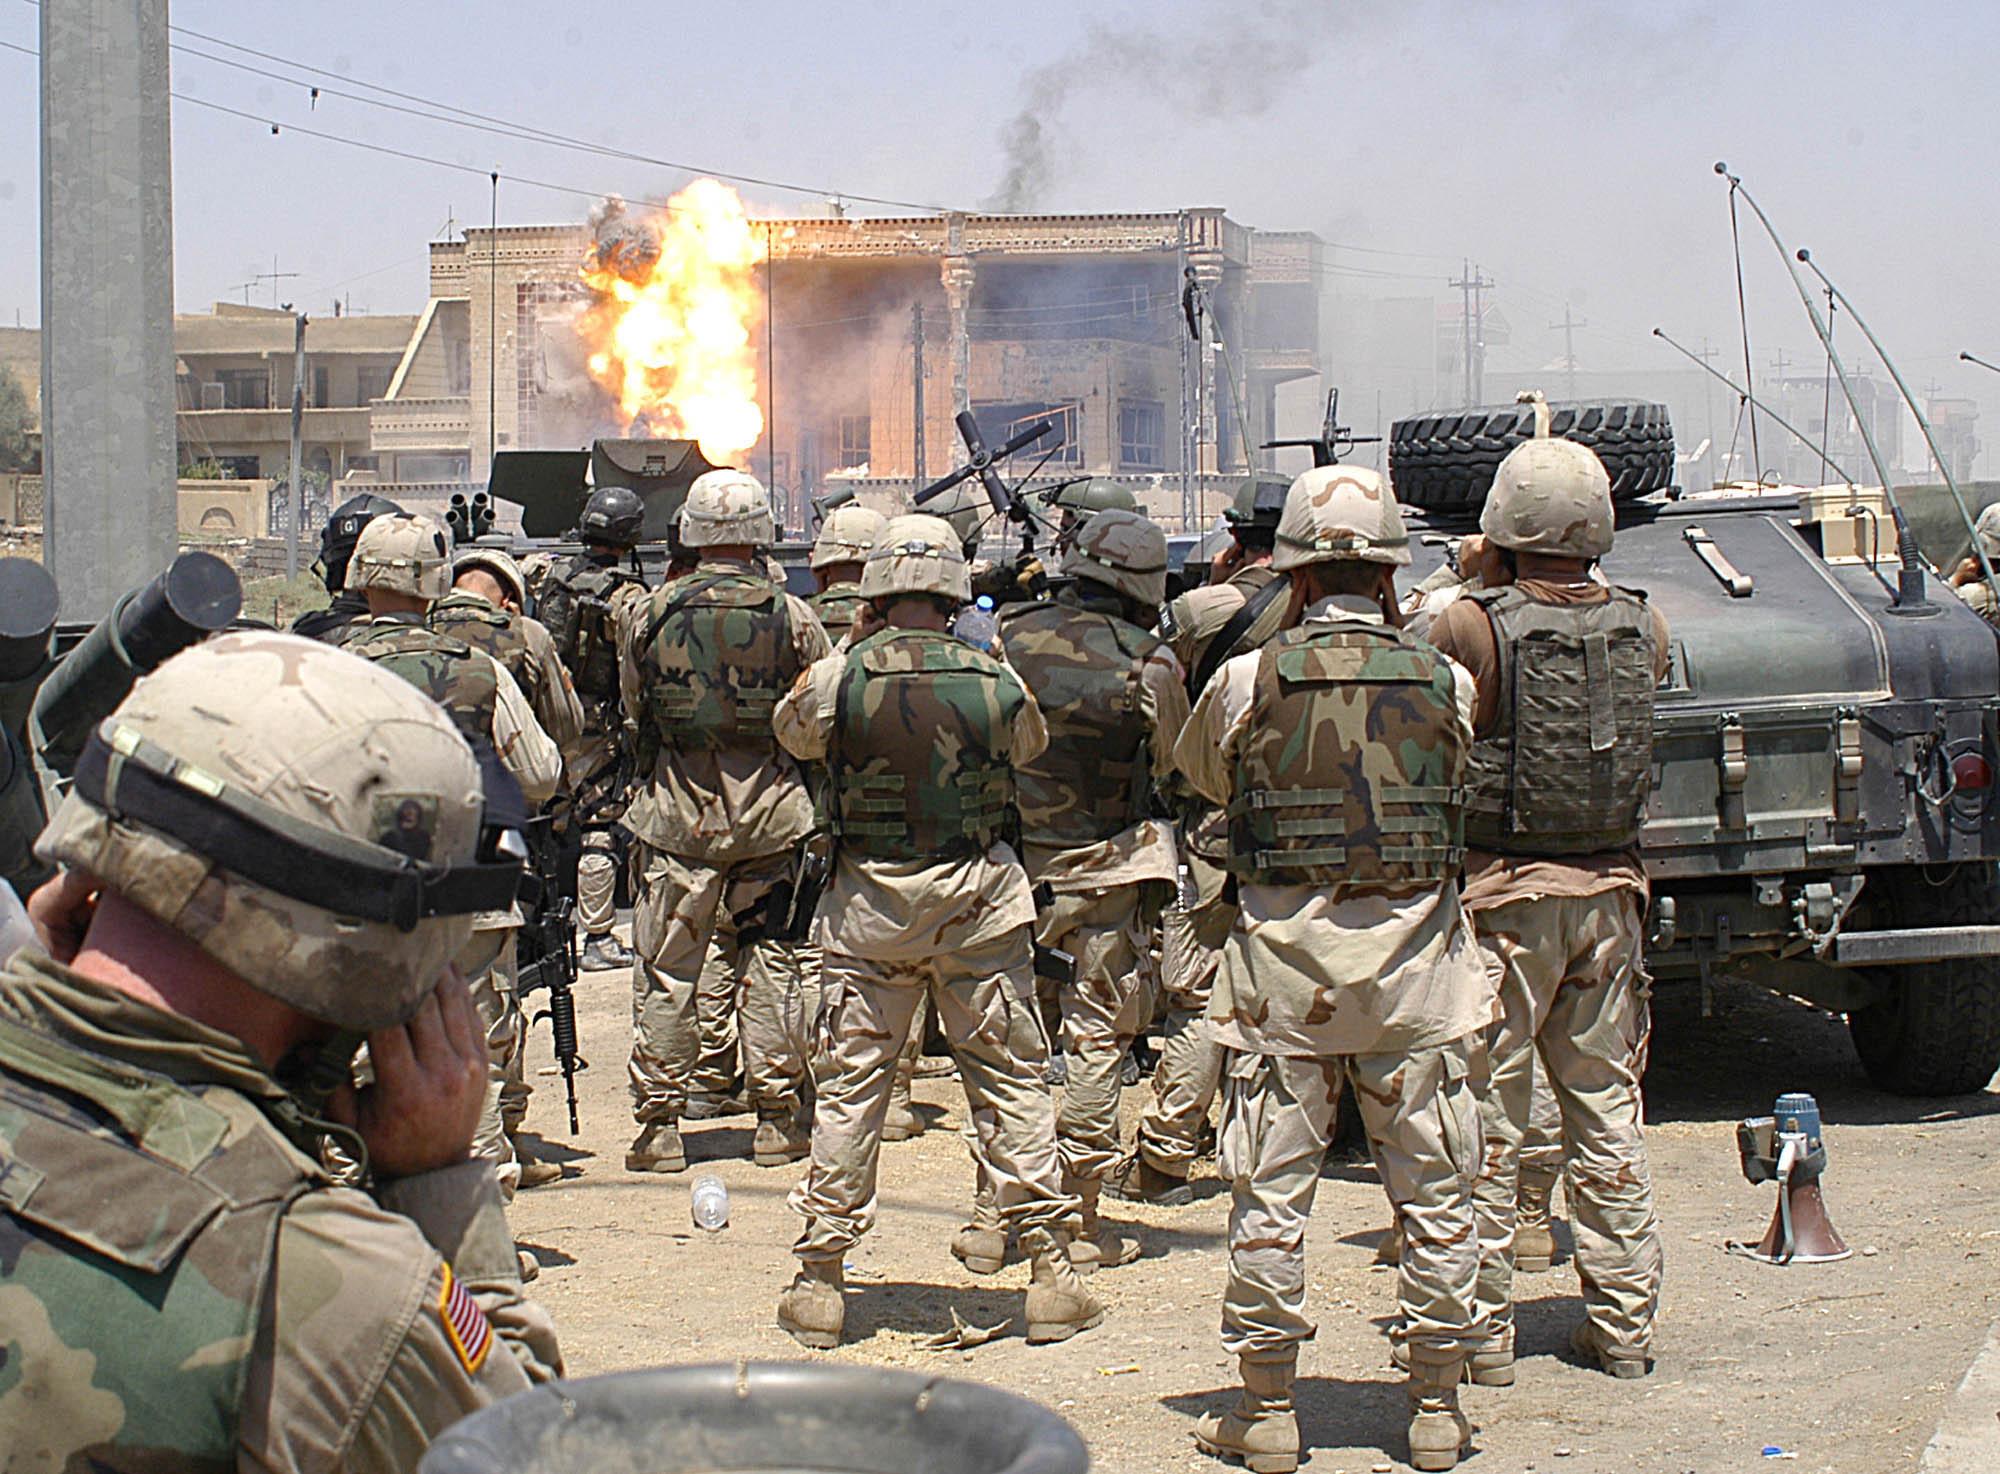 defense_gov_news_photo_030722-a-0000w-001.jpg